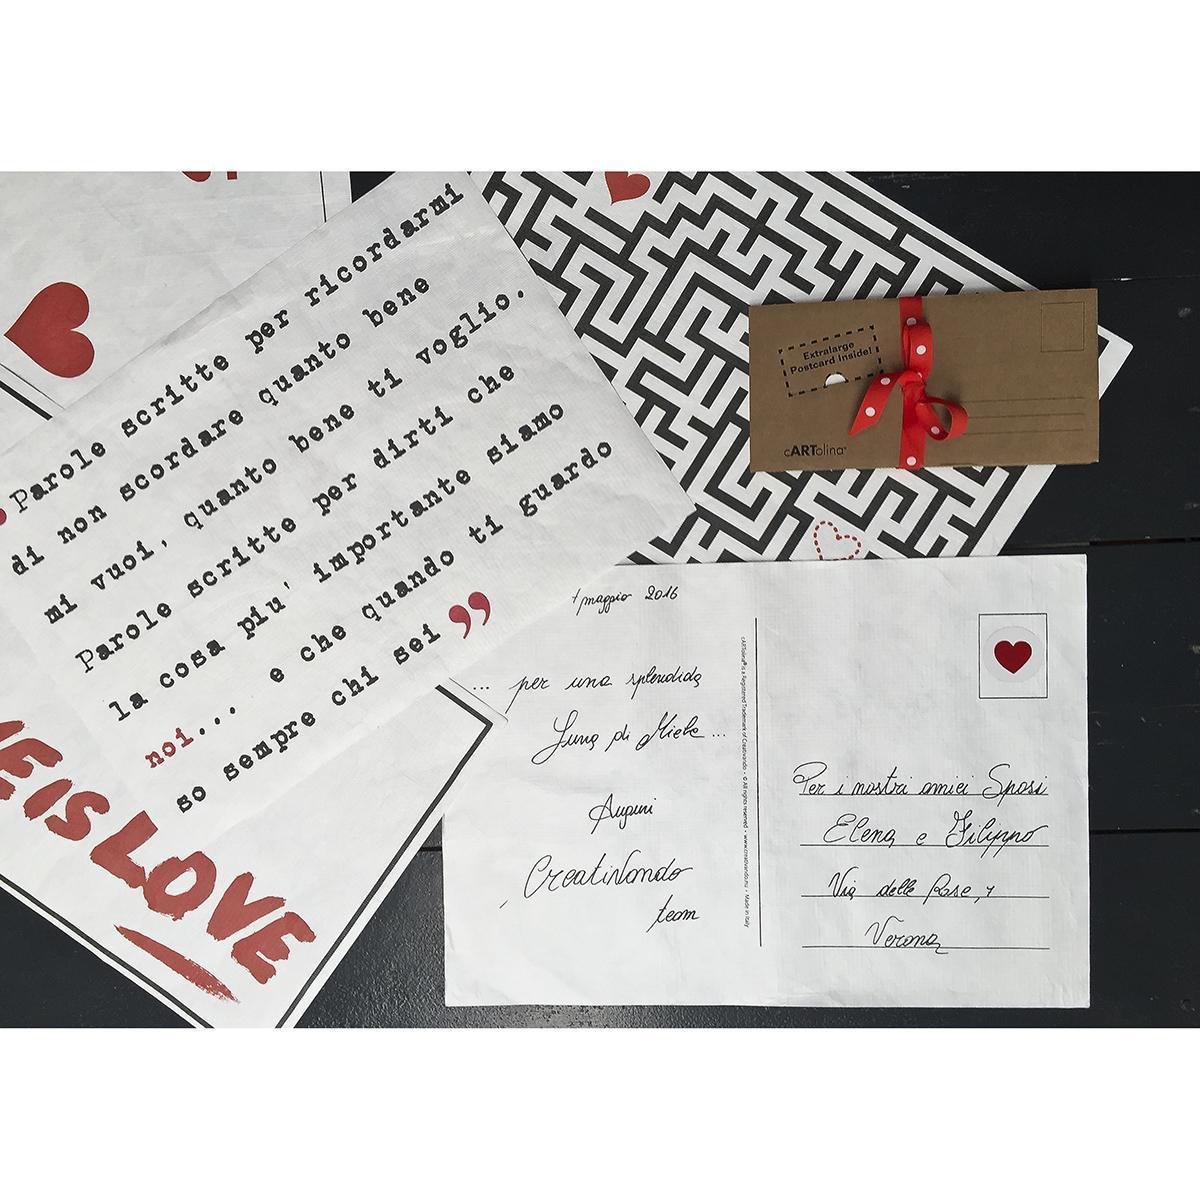 cartolina o biglietto di grandi dimensioni per fare gli auguri in maniera originale e divertente